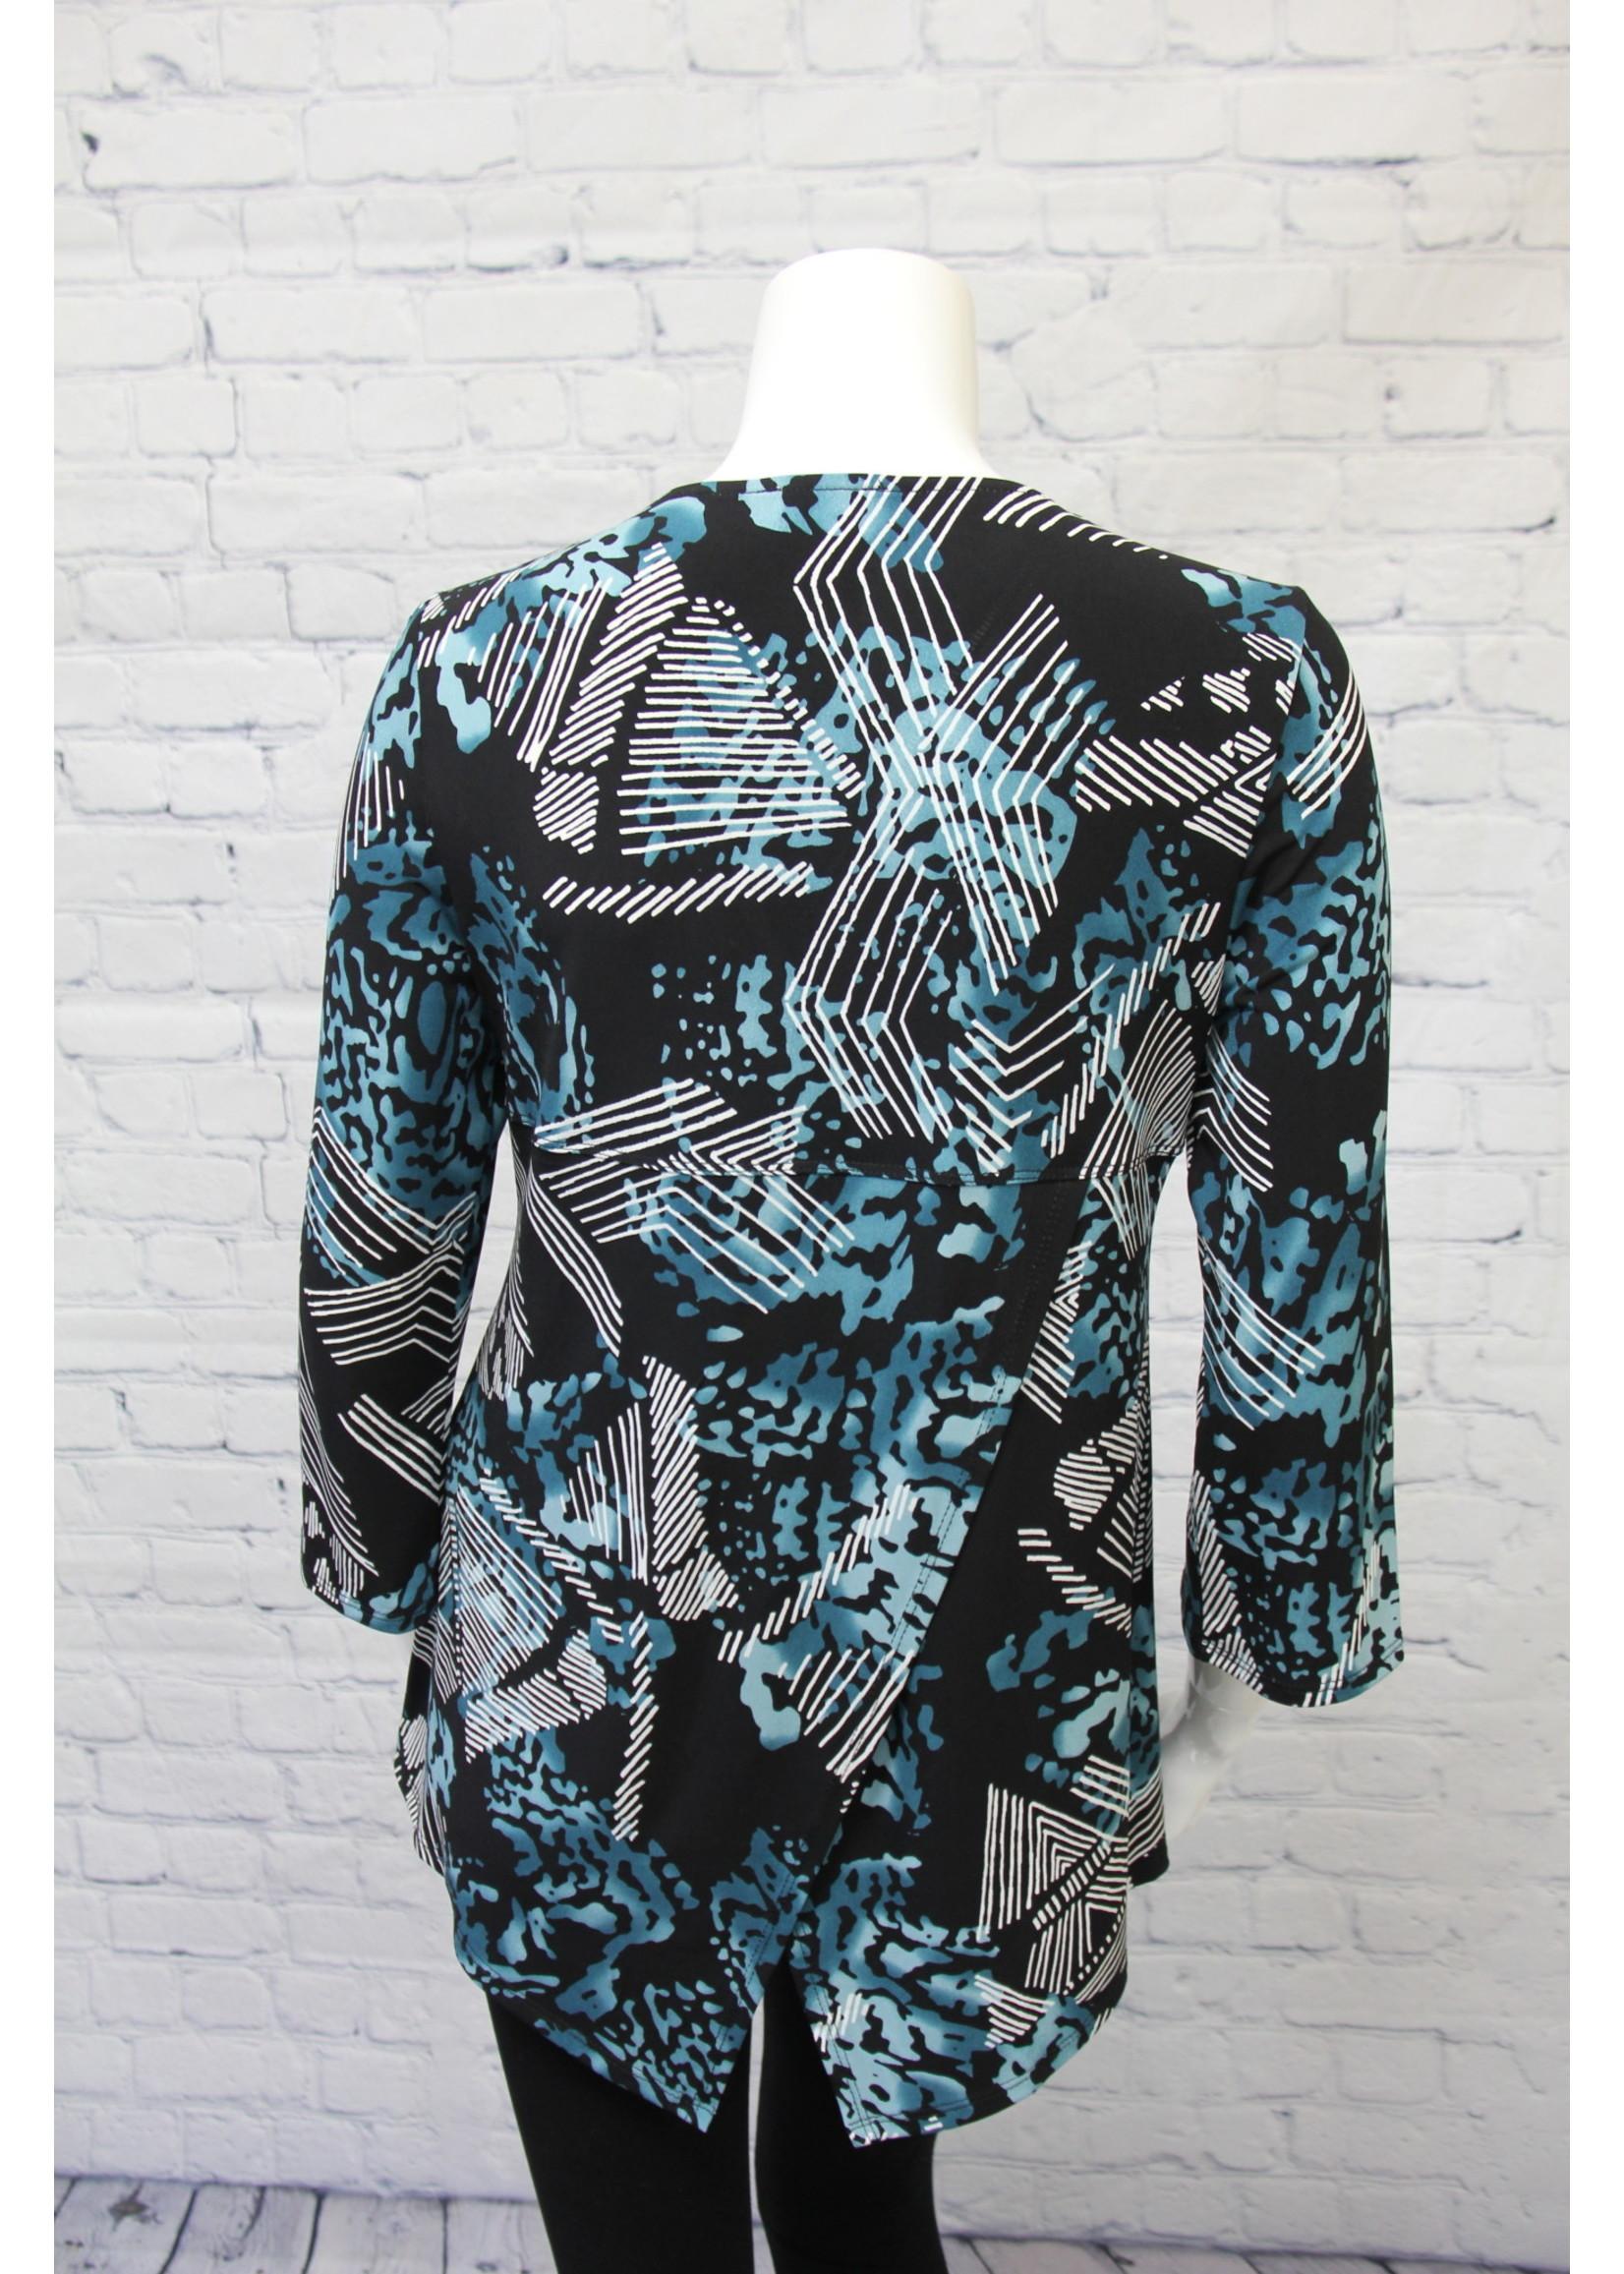 Bali Black/Teal Top